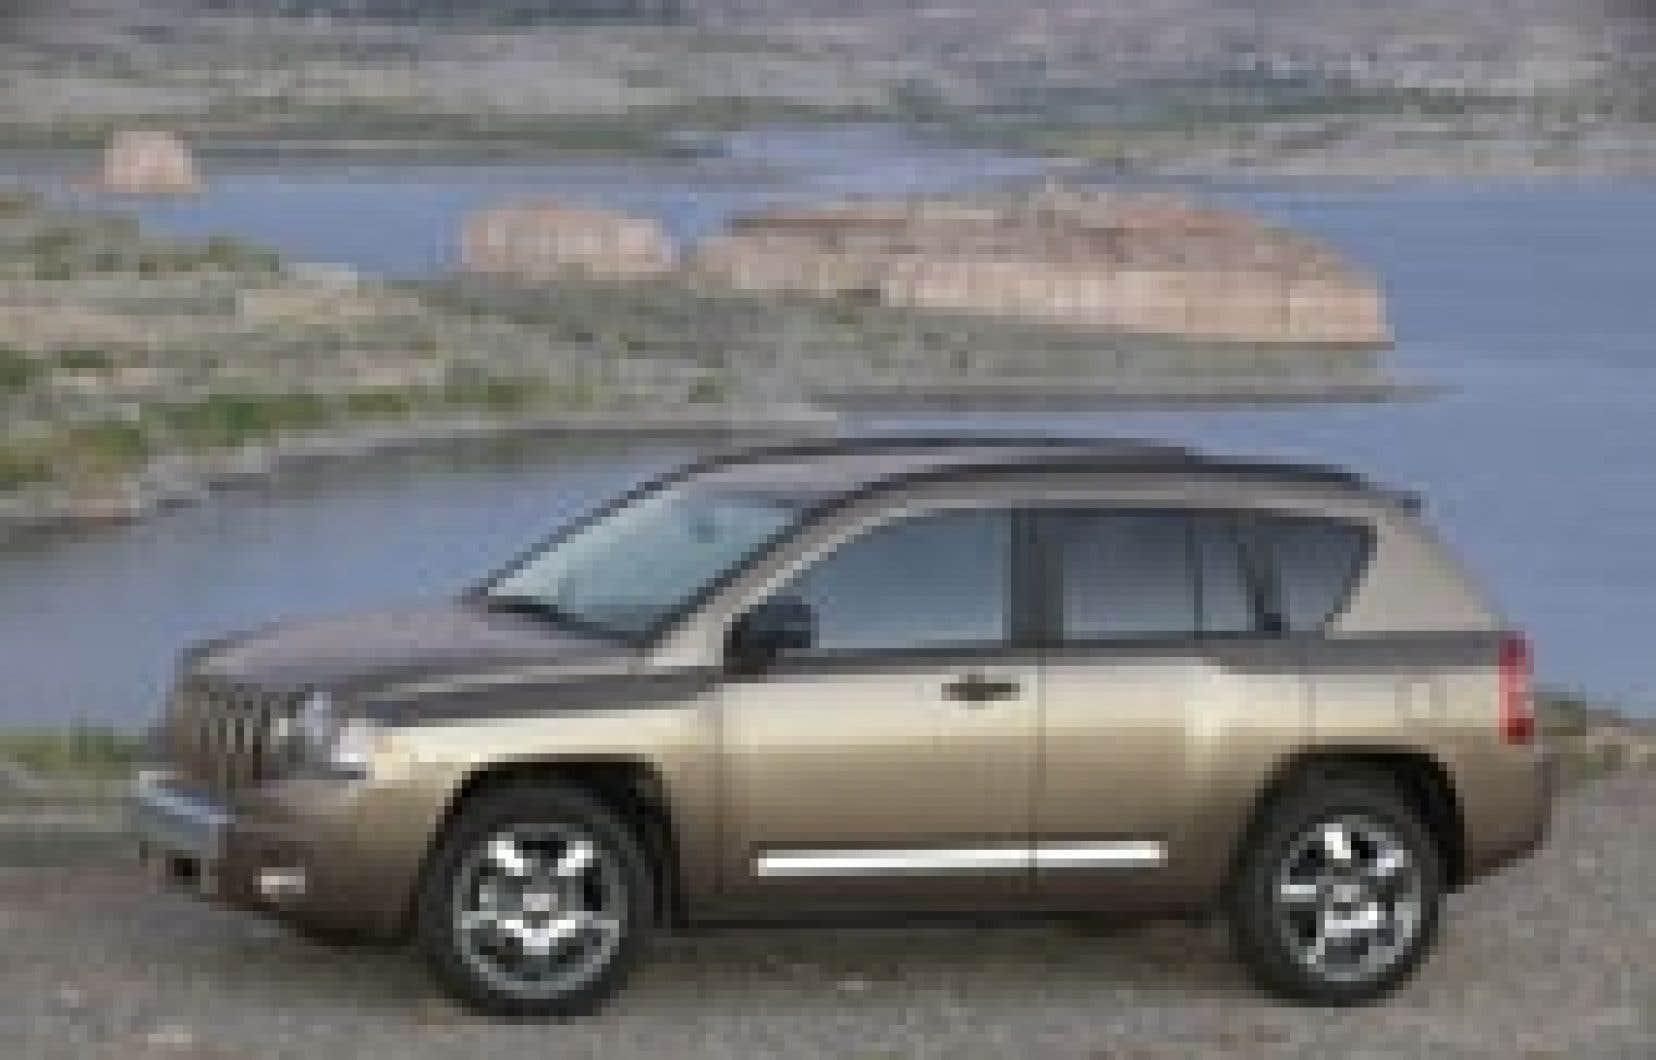 Jeep a conçu le Compass, un véhicule qui cible spécifiquement un immense segment de la population qui lui échappait jusque-là: les femmes.